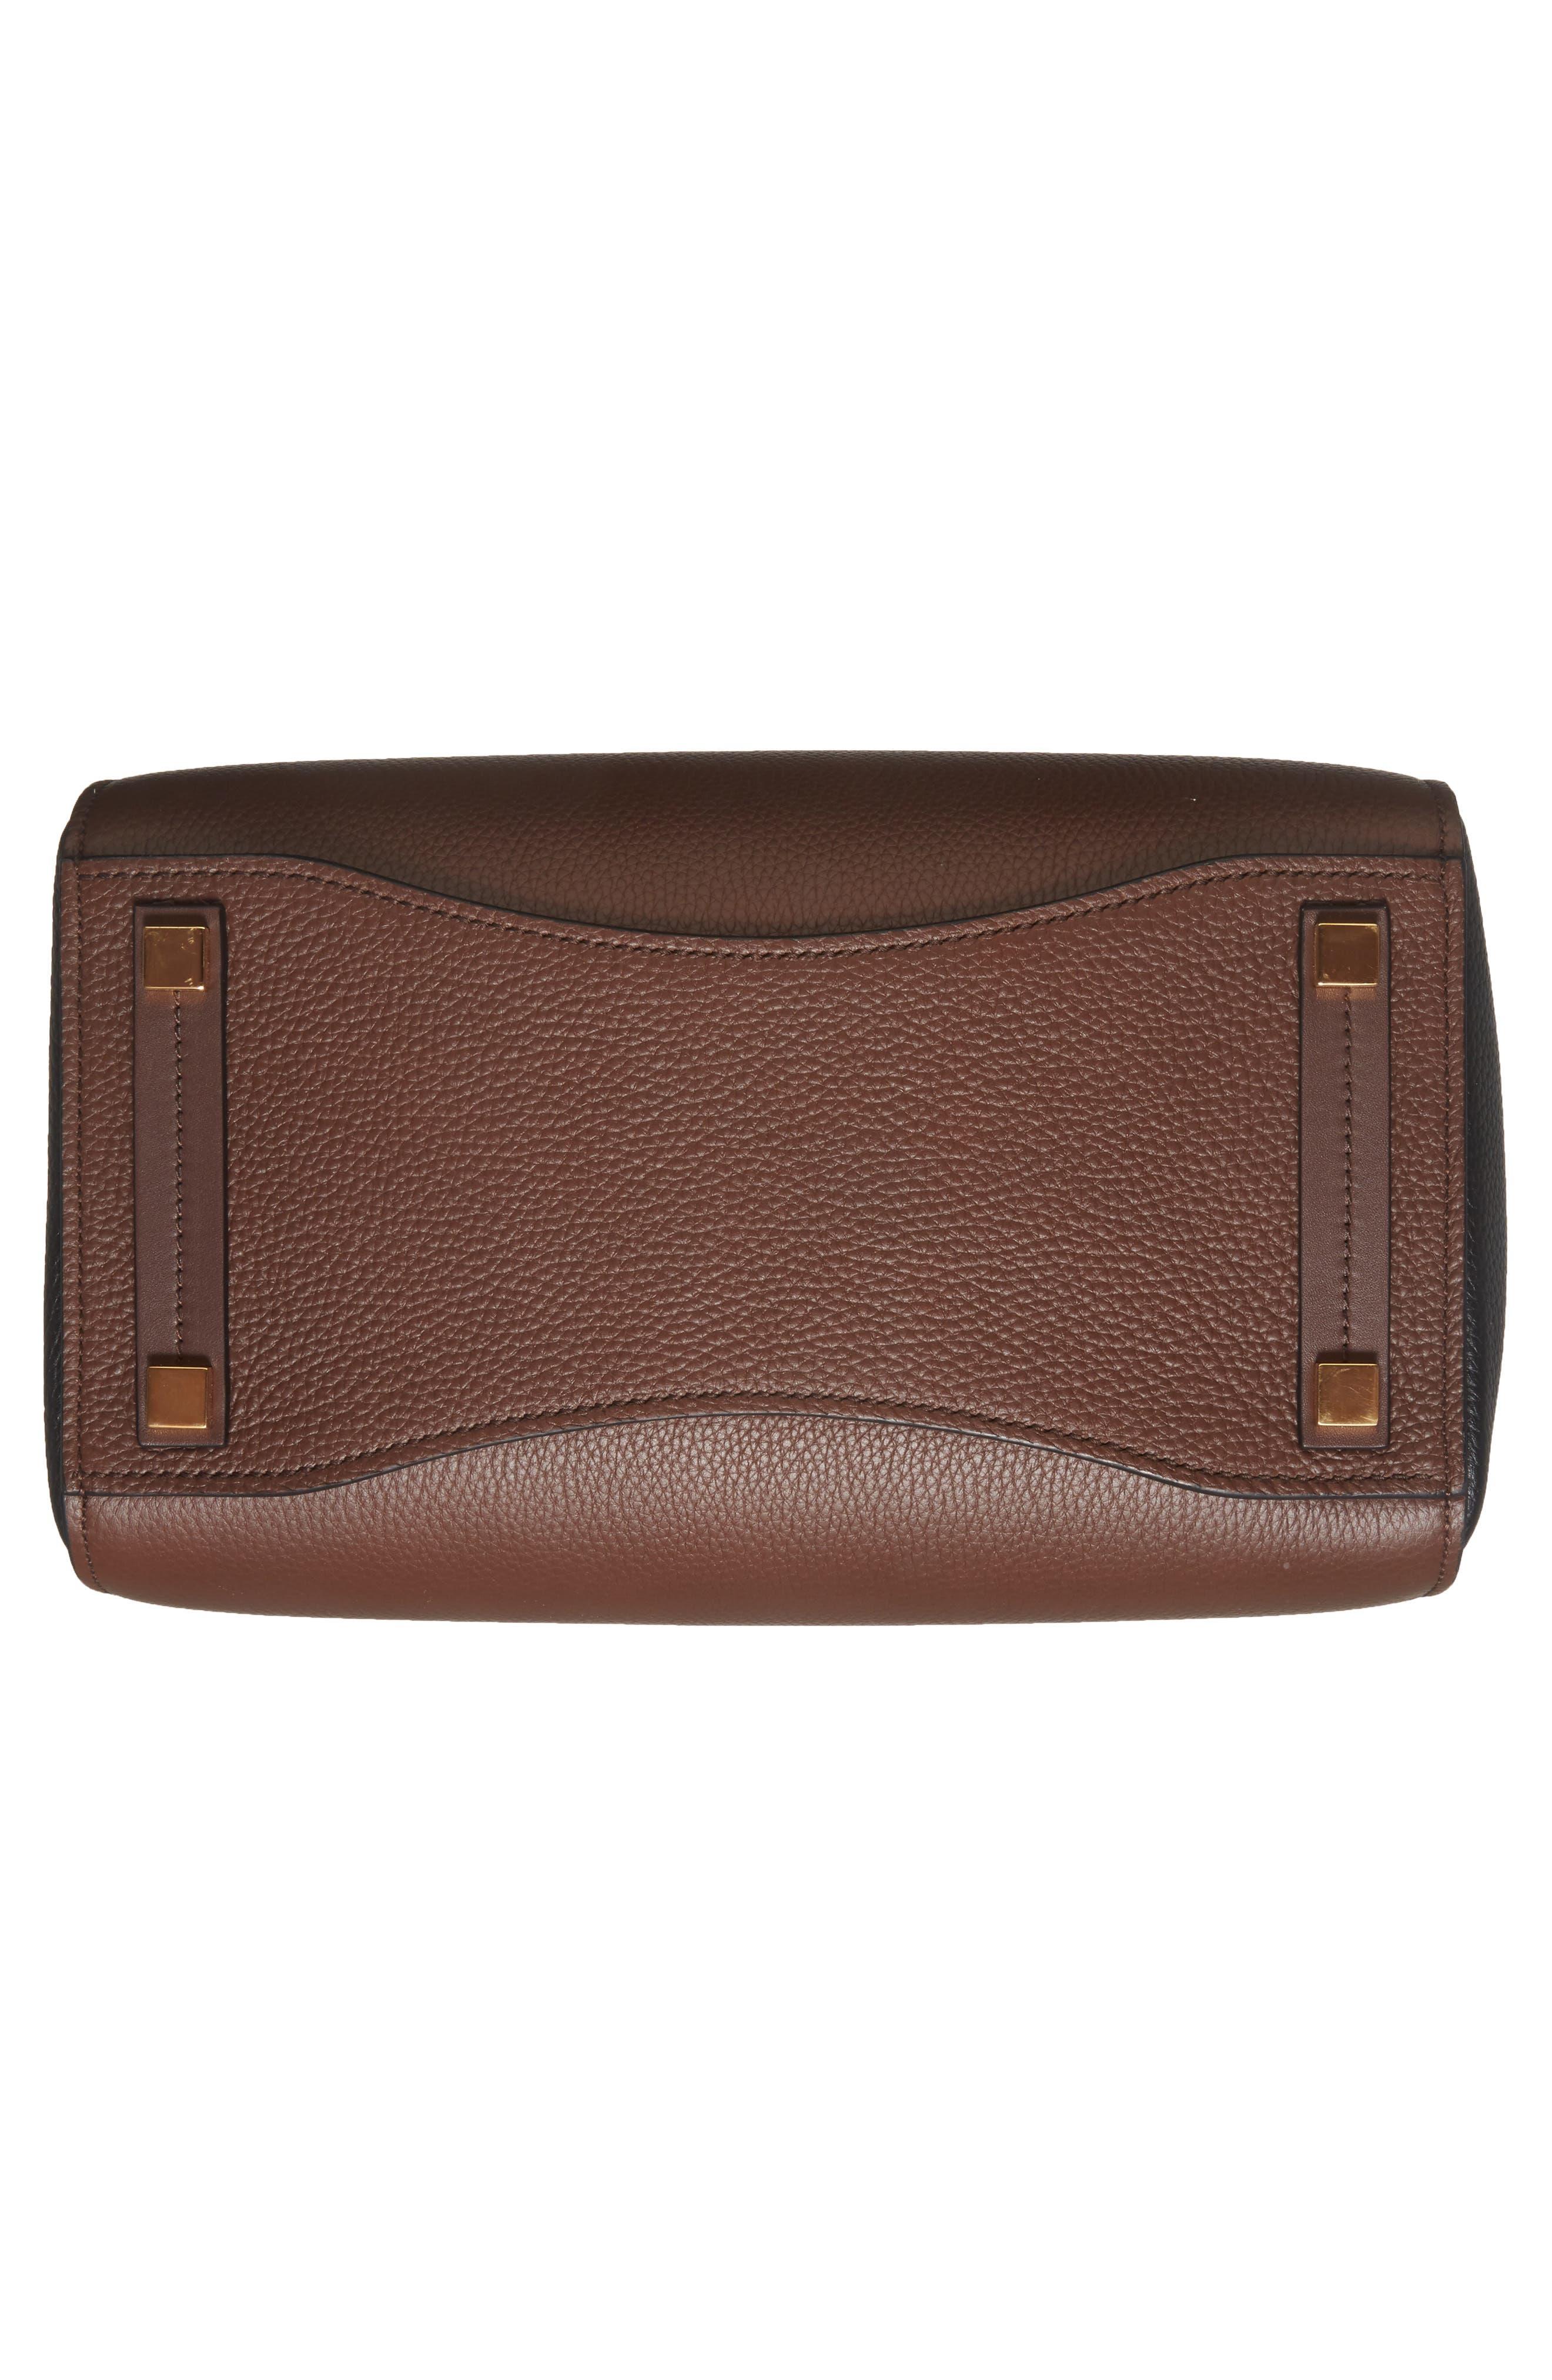 Large Bancroft Tricolor Leather Top Handle Satchel,                             Alternate thumbnail 6, color,                             Branch